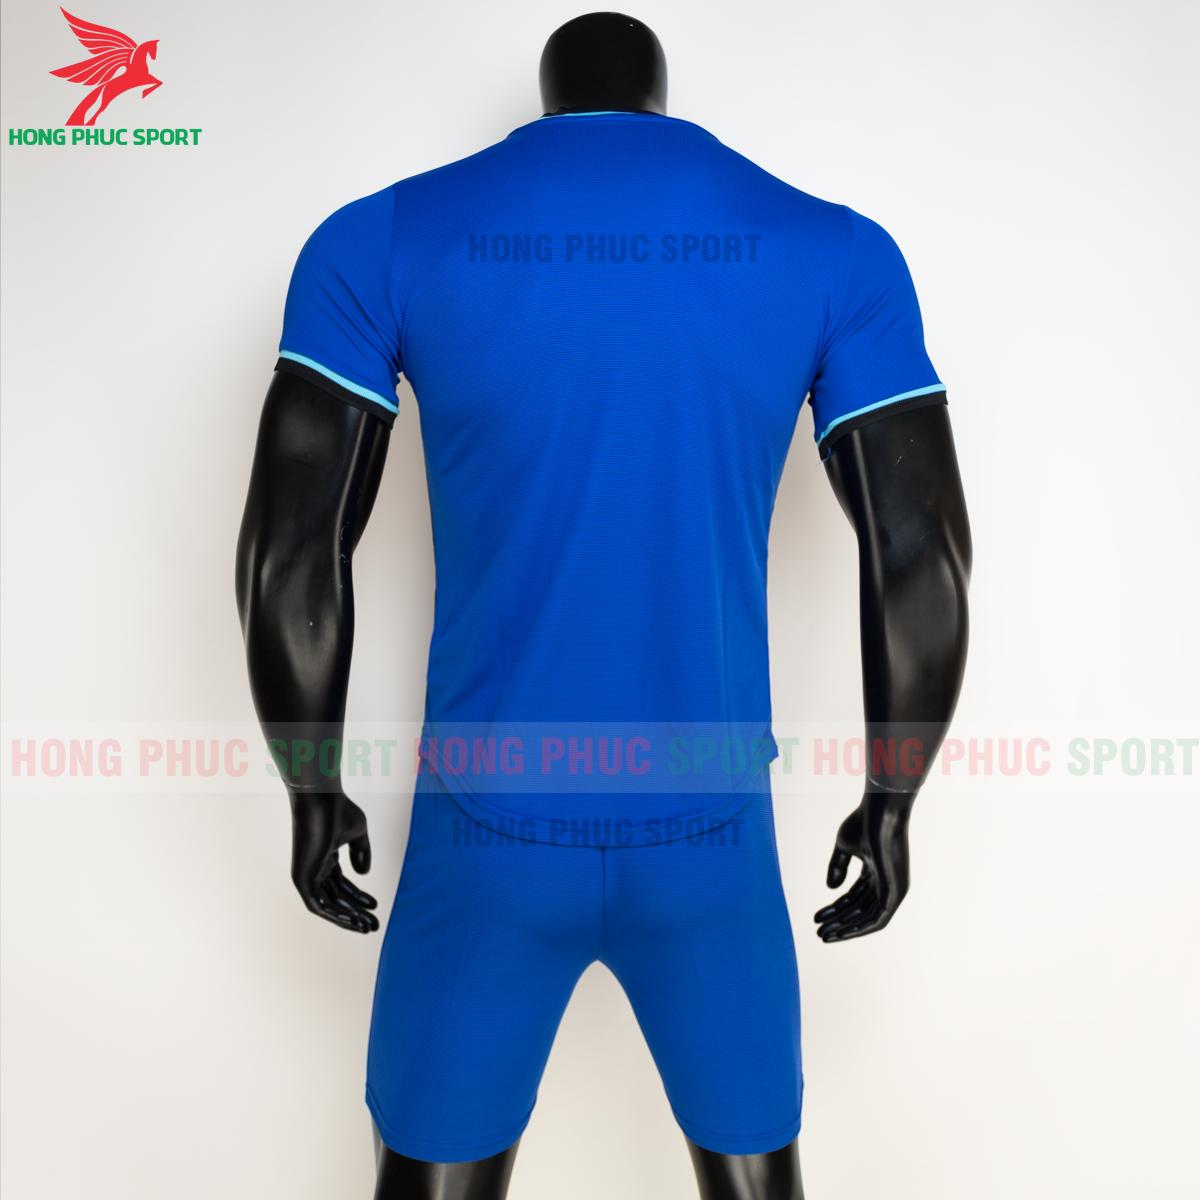 https://cdn.hongphucsport.com/unsafe/s4.shopbay.vn/files/285/ao-bong-chuyen-khong-logo-jordan-wave-mau-xanh-duong-7-605021c6b80cc.png